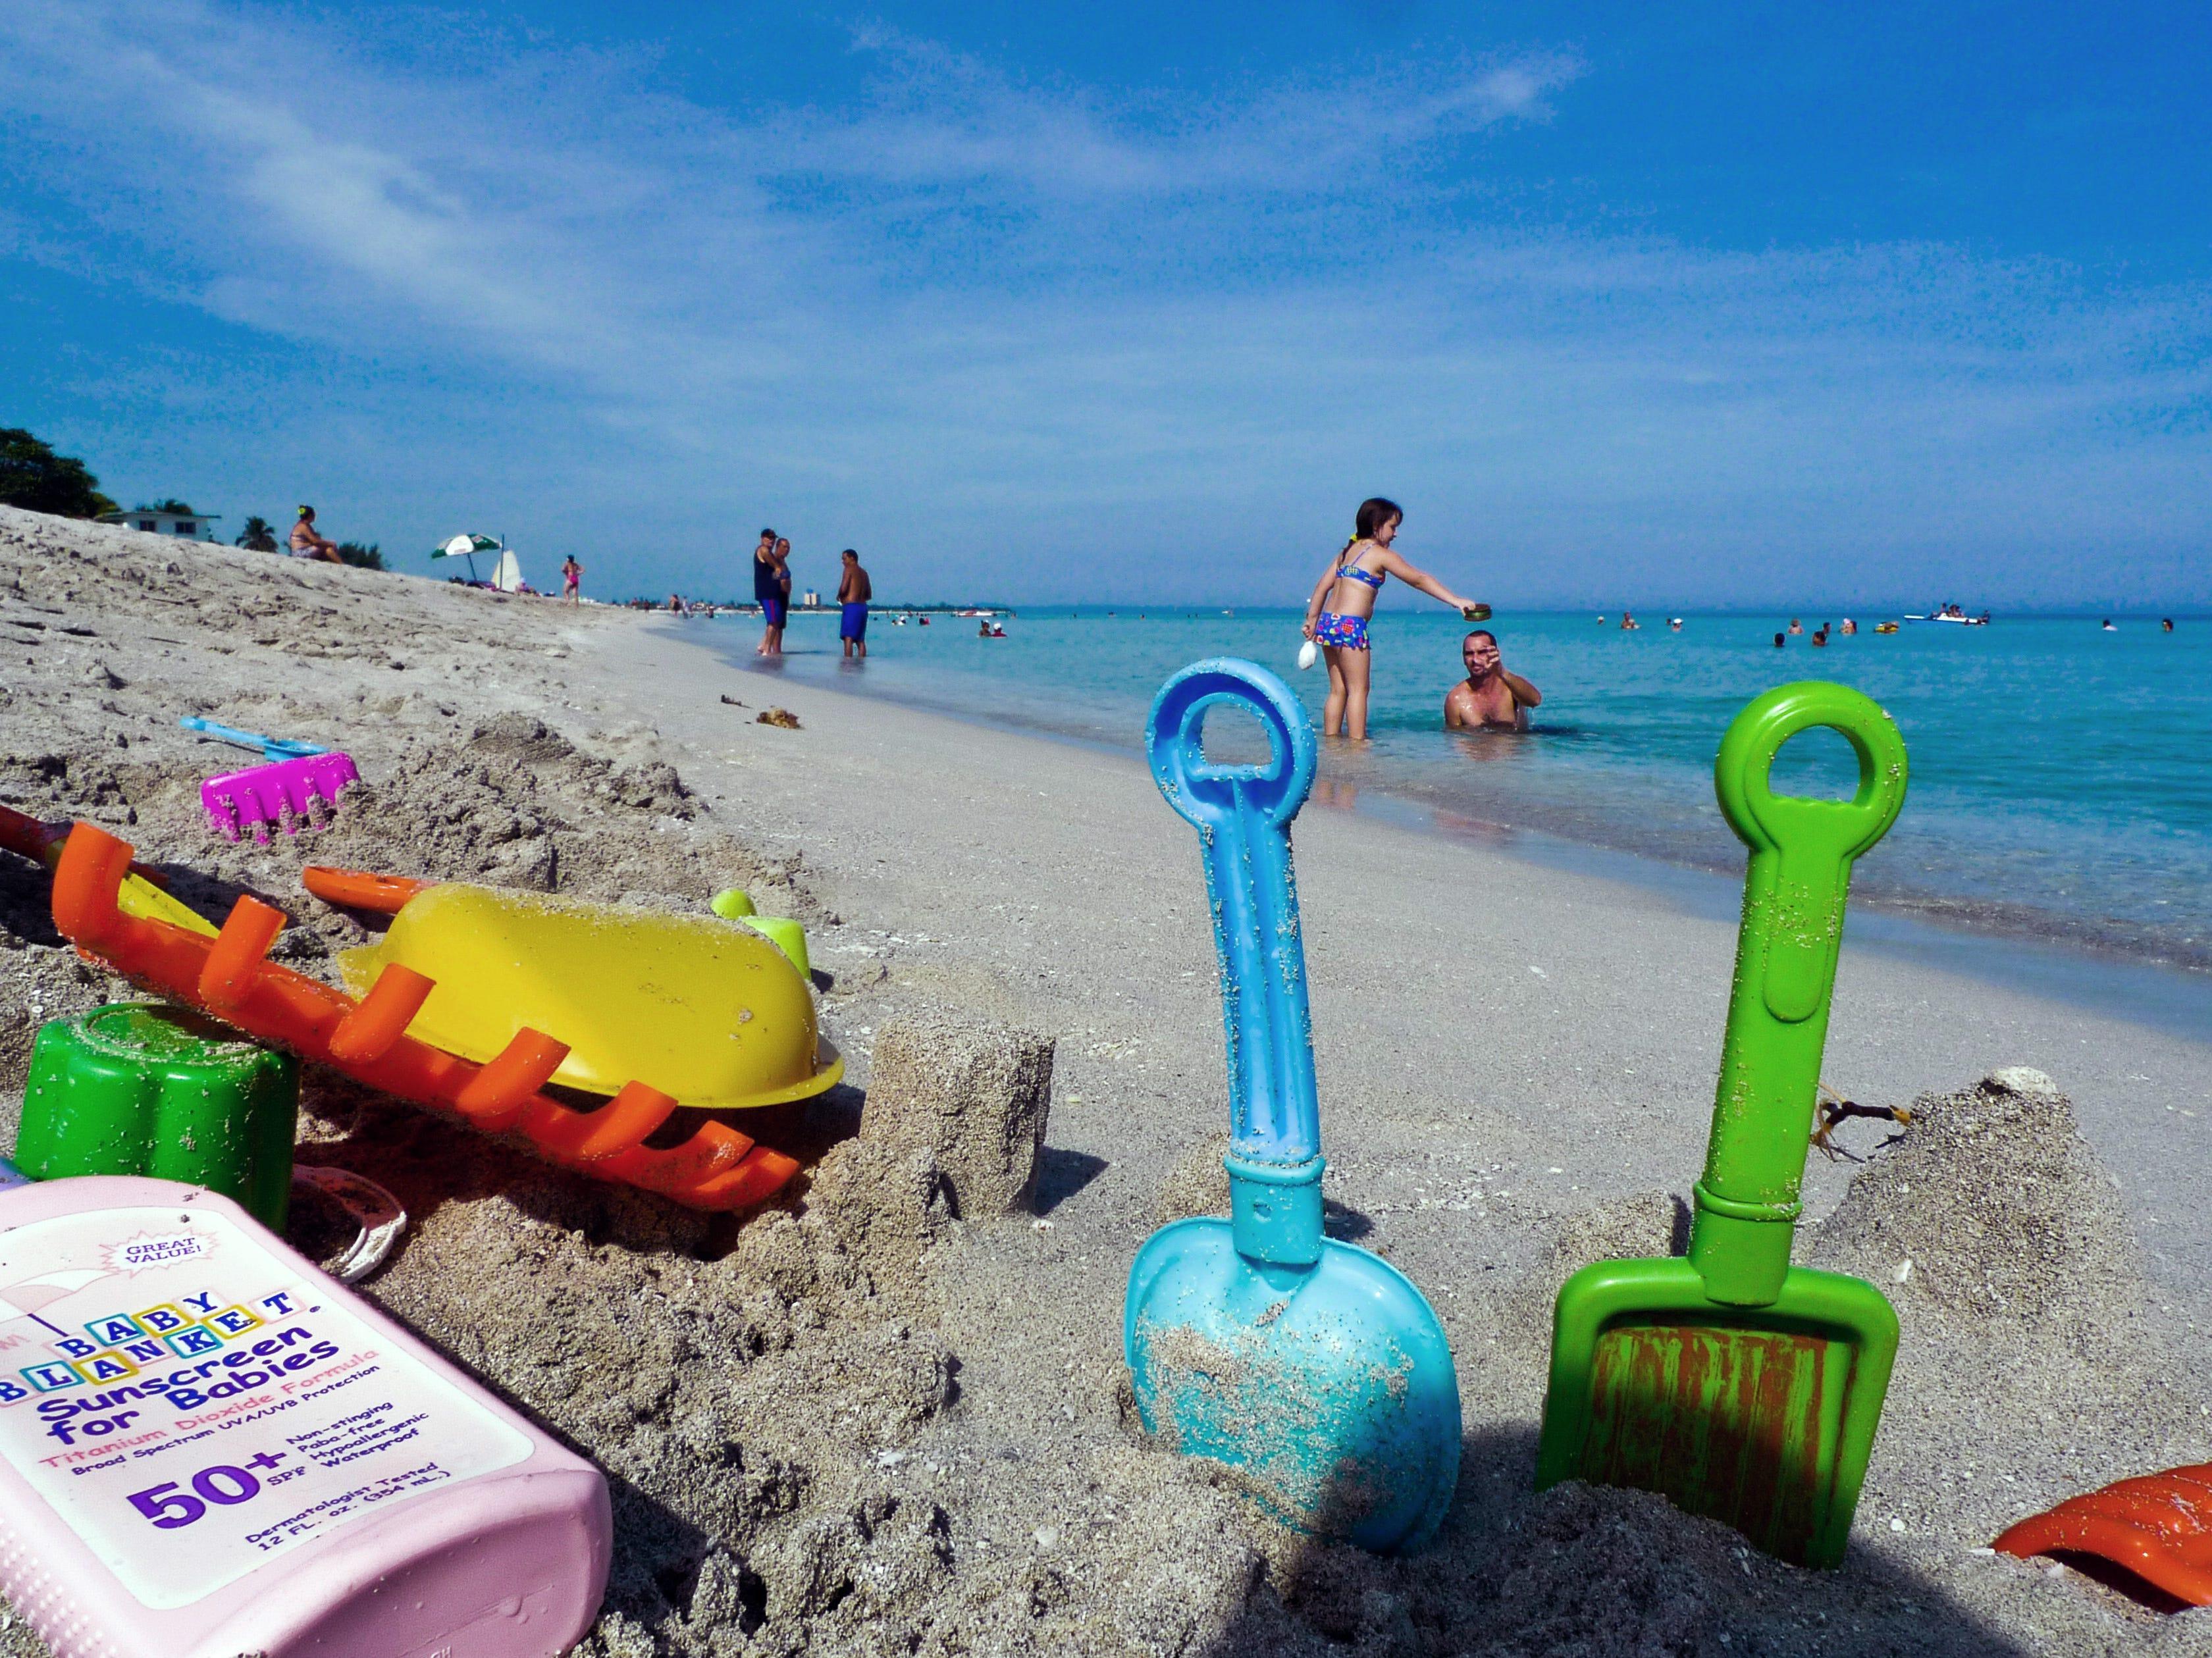 Más de 20 kilómetros de arena blanca y agua cristalina, le valen a esta playa su puesto como la segunda mejor del mundo. Sus aguas son ideales para practicar esnórquel y buceo.